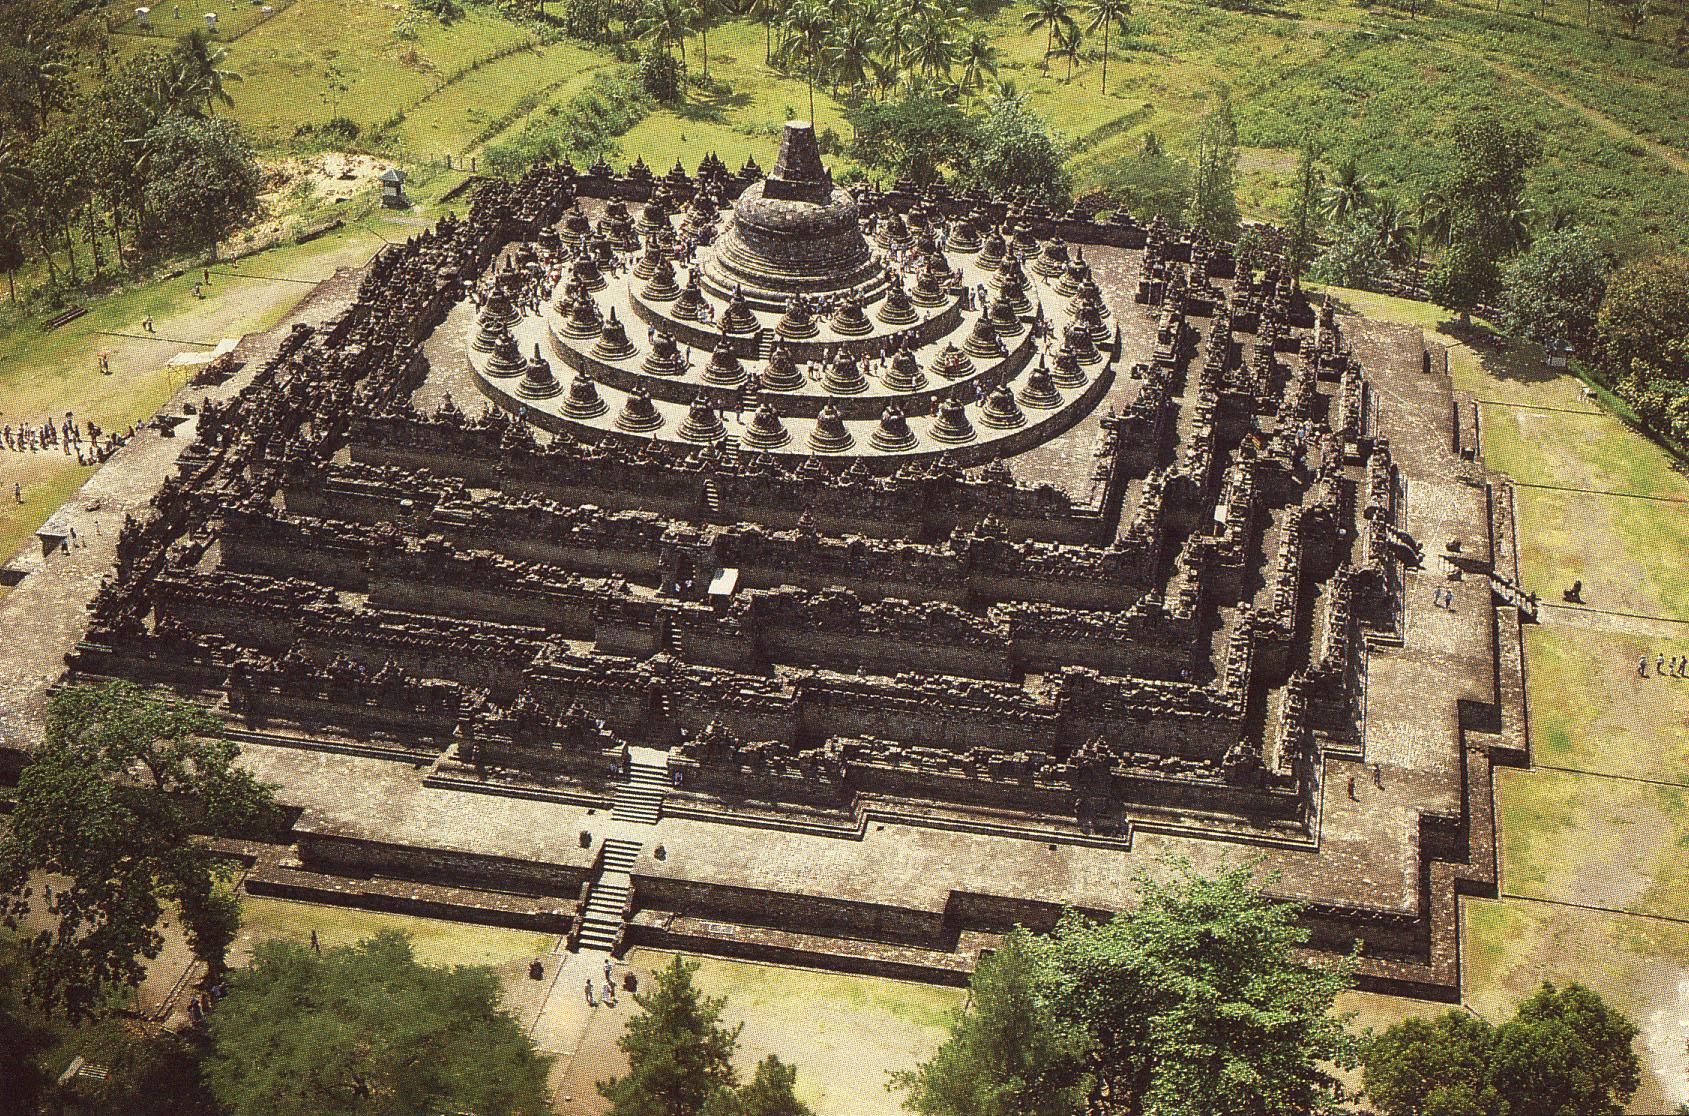 Maksimalkan Pemahaman Sejarah dengan ke Tempat Wisata Sejarah Religi Ini